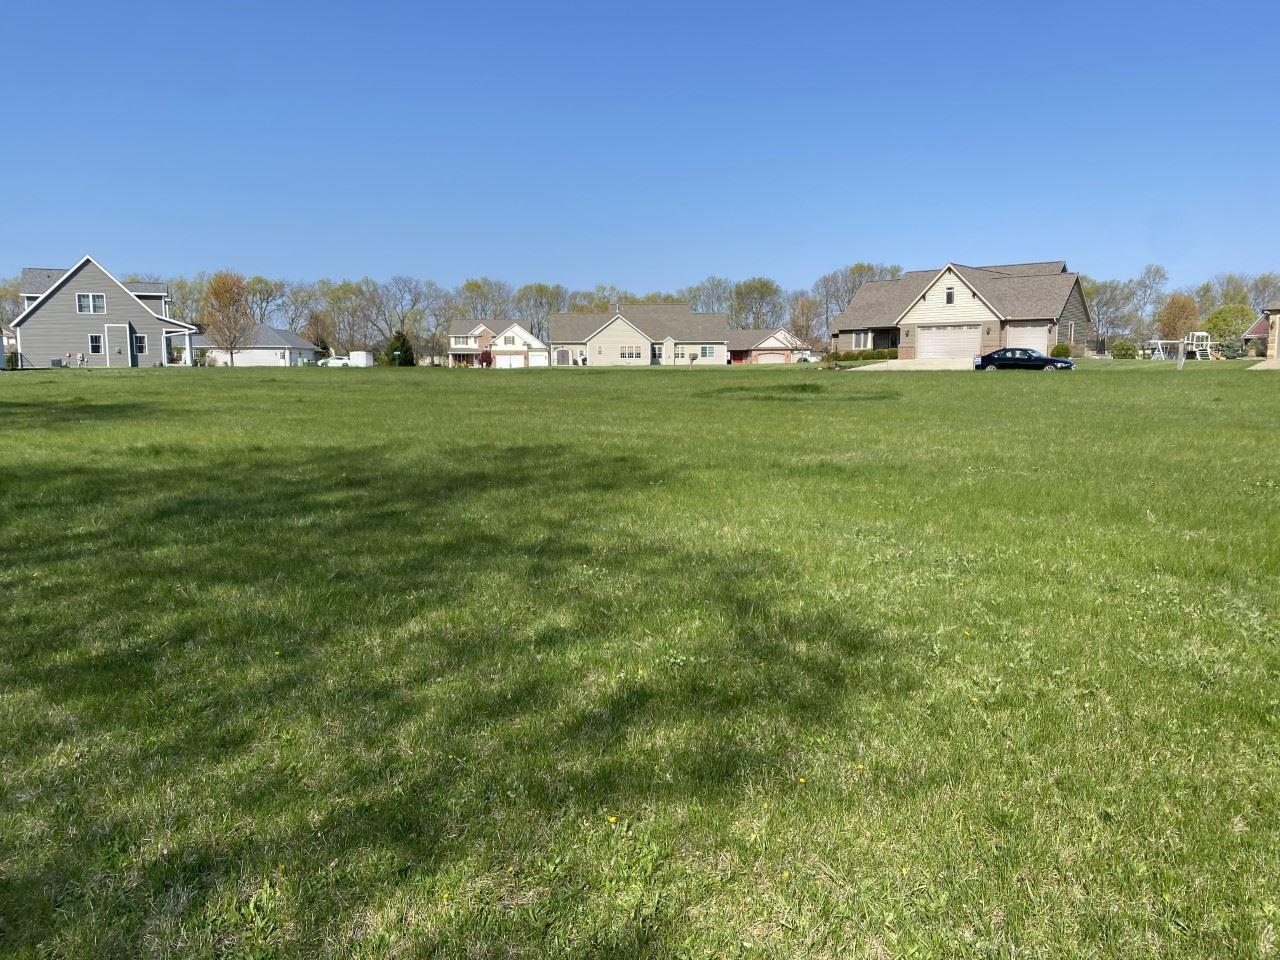 3714 E CAMDEN Property Photo - Chillicothe, IL real estate listing